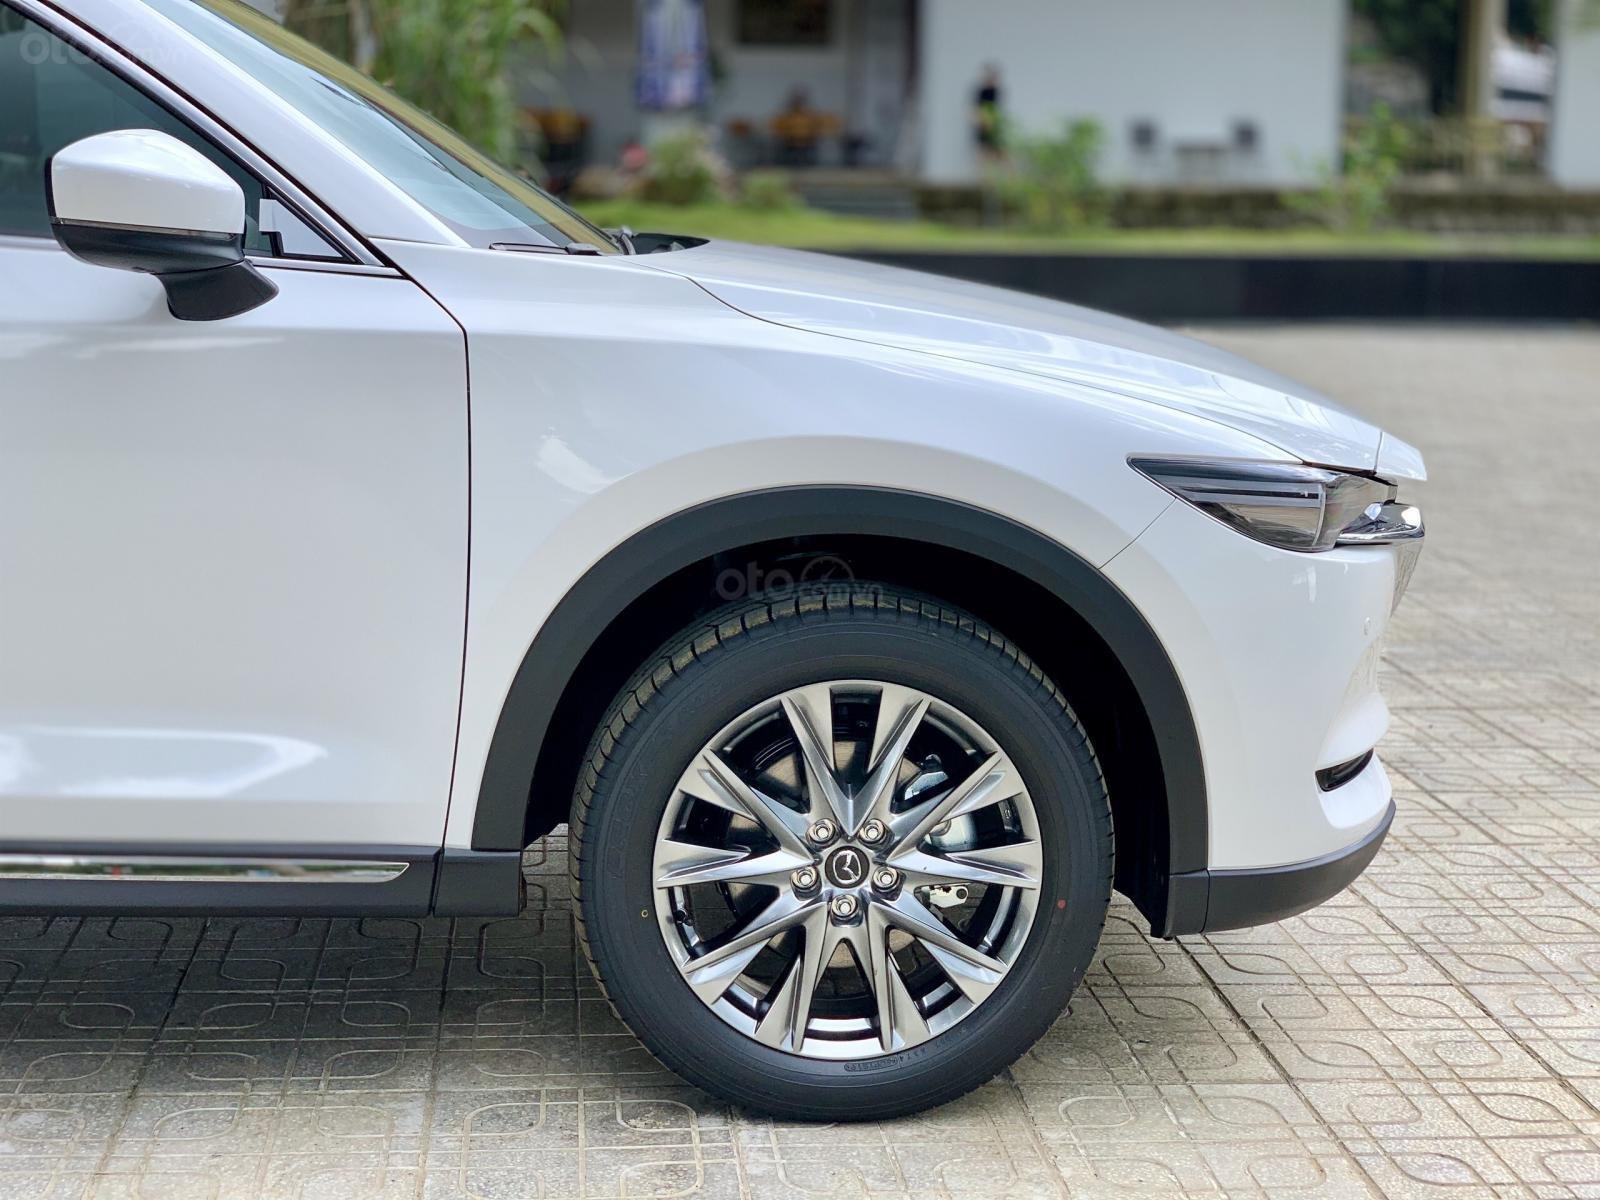 Mazda CX8 ưu đãi giảm 200 triệu + bảo hiểm vật chất xe (6)